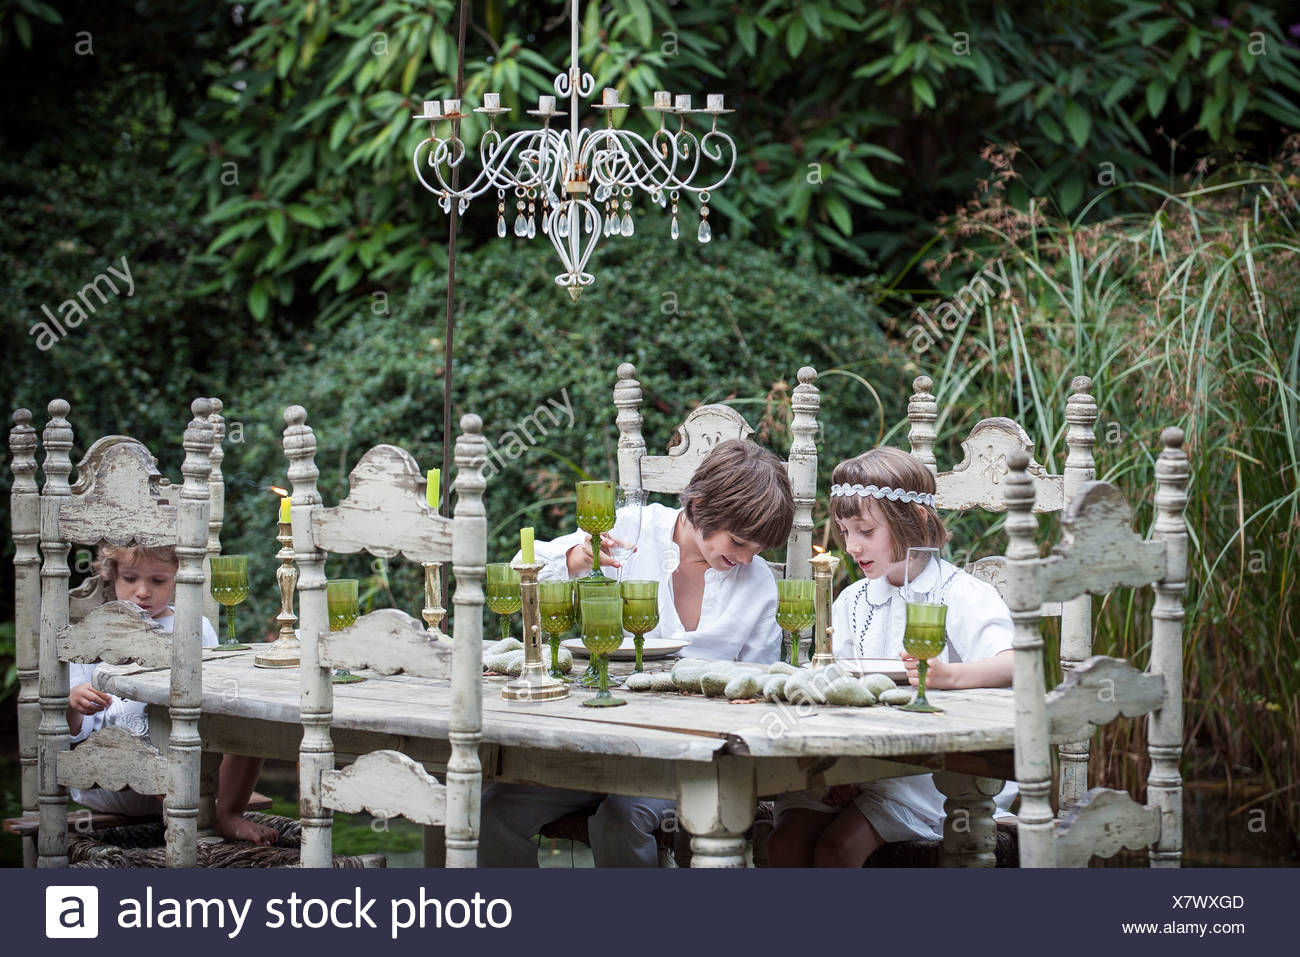 Des enfants assis à table à manger ornée à l'extérieur Photo Stock